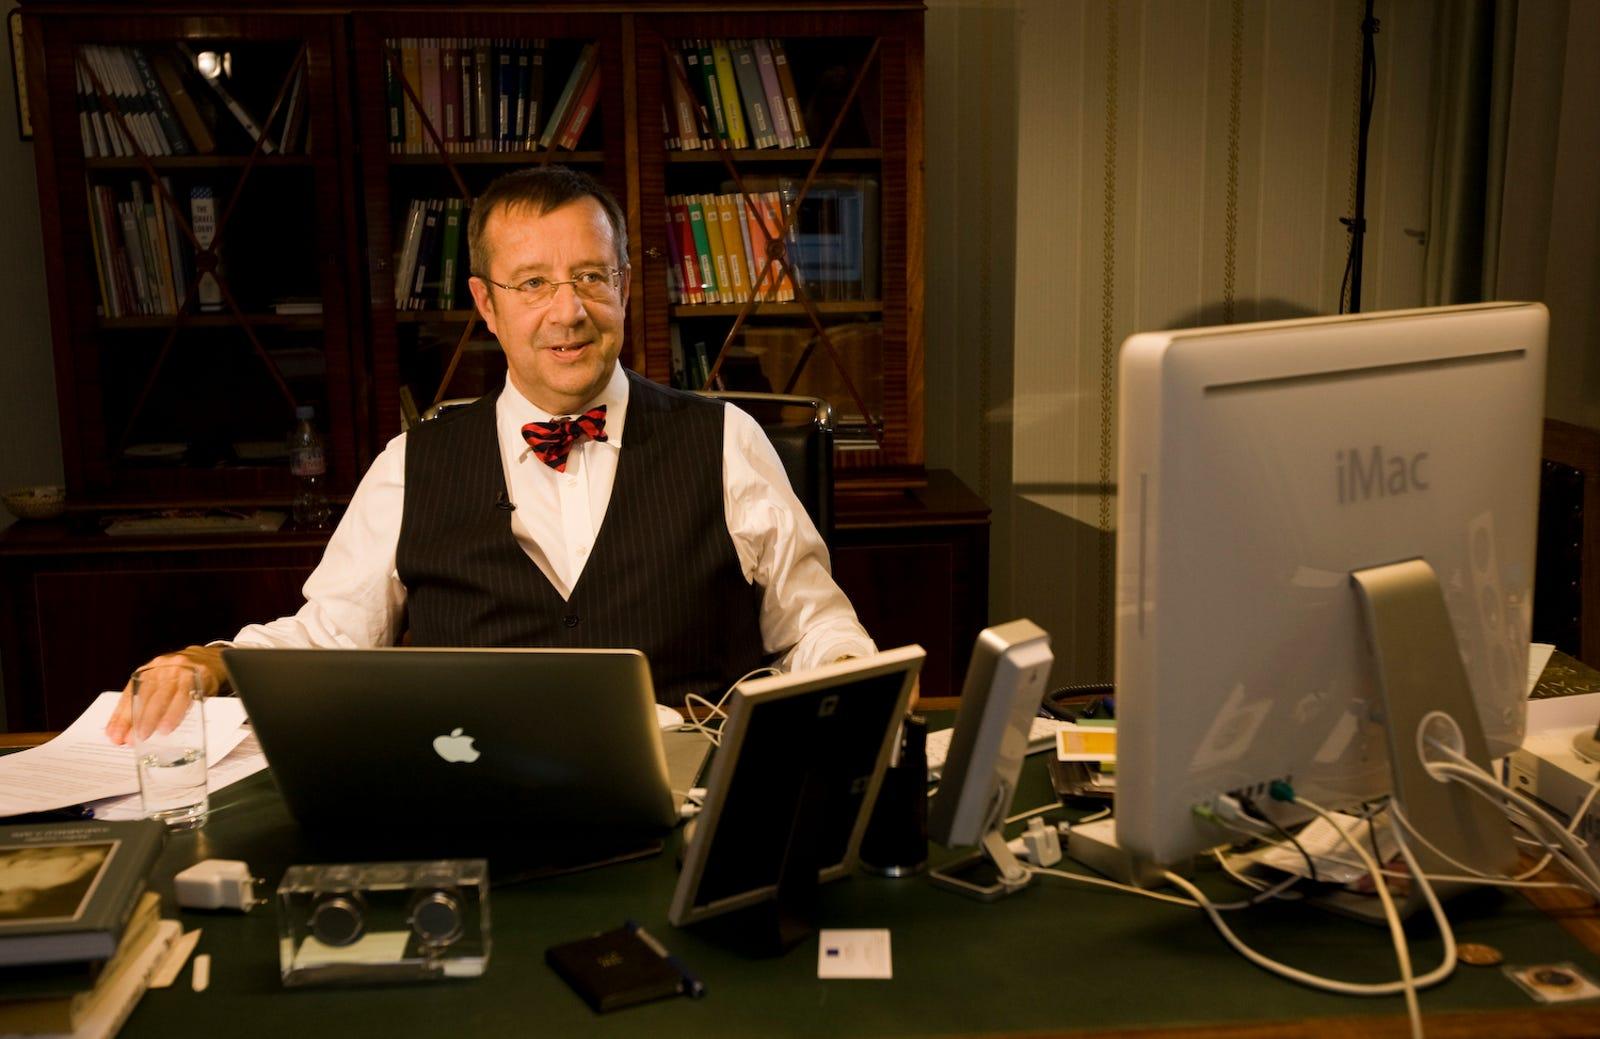 Former Estonian president